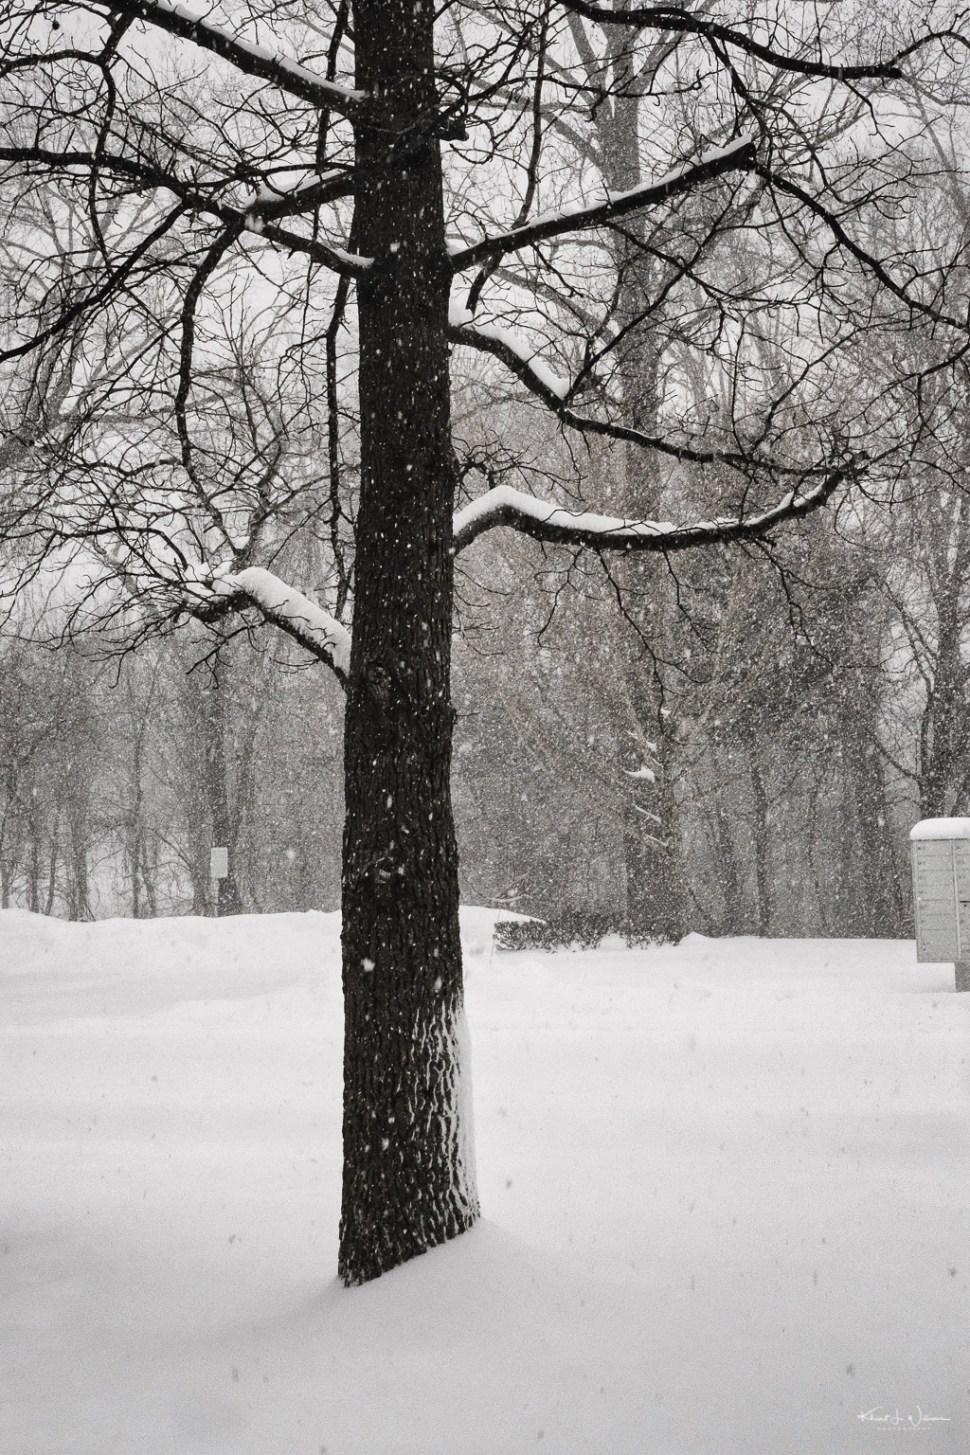 outdoor winter scene